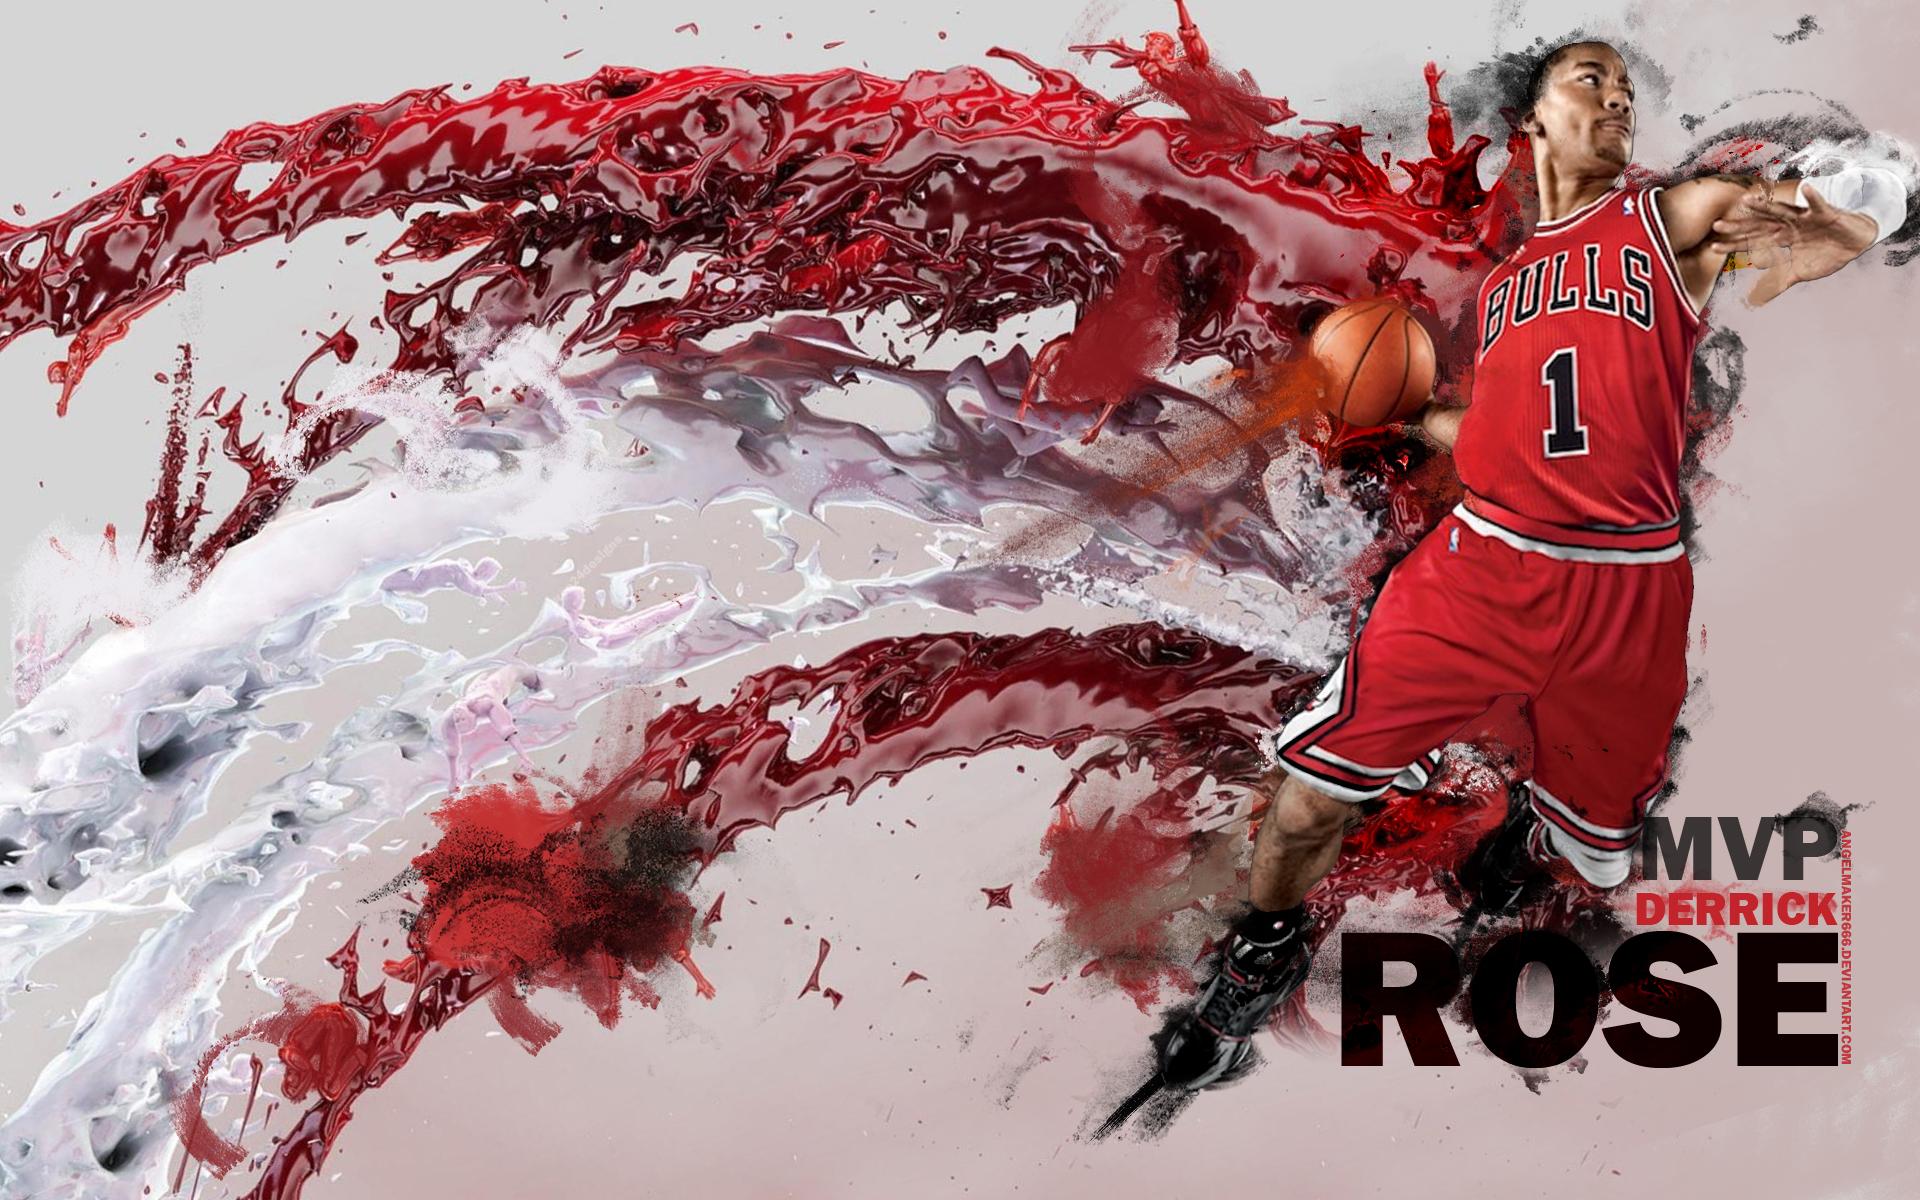 Derrick Rose MVP wallpaper Source24Designs   RealGM 1920x1200